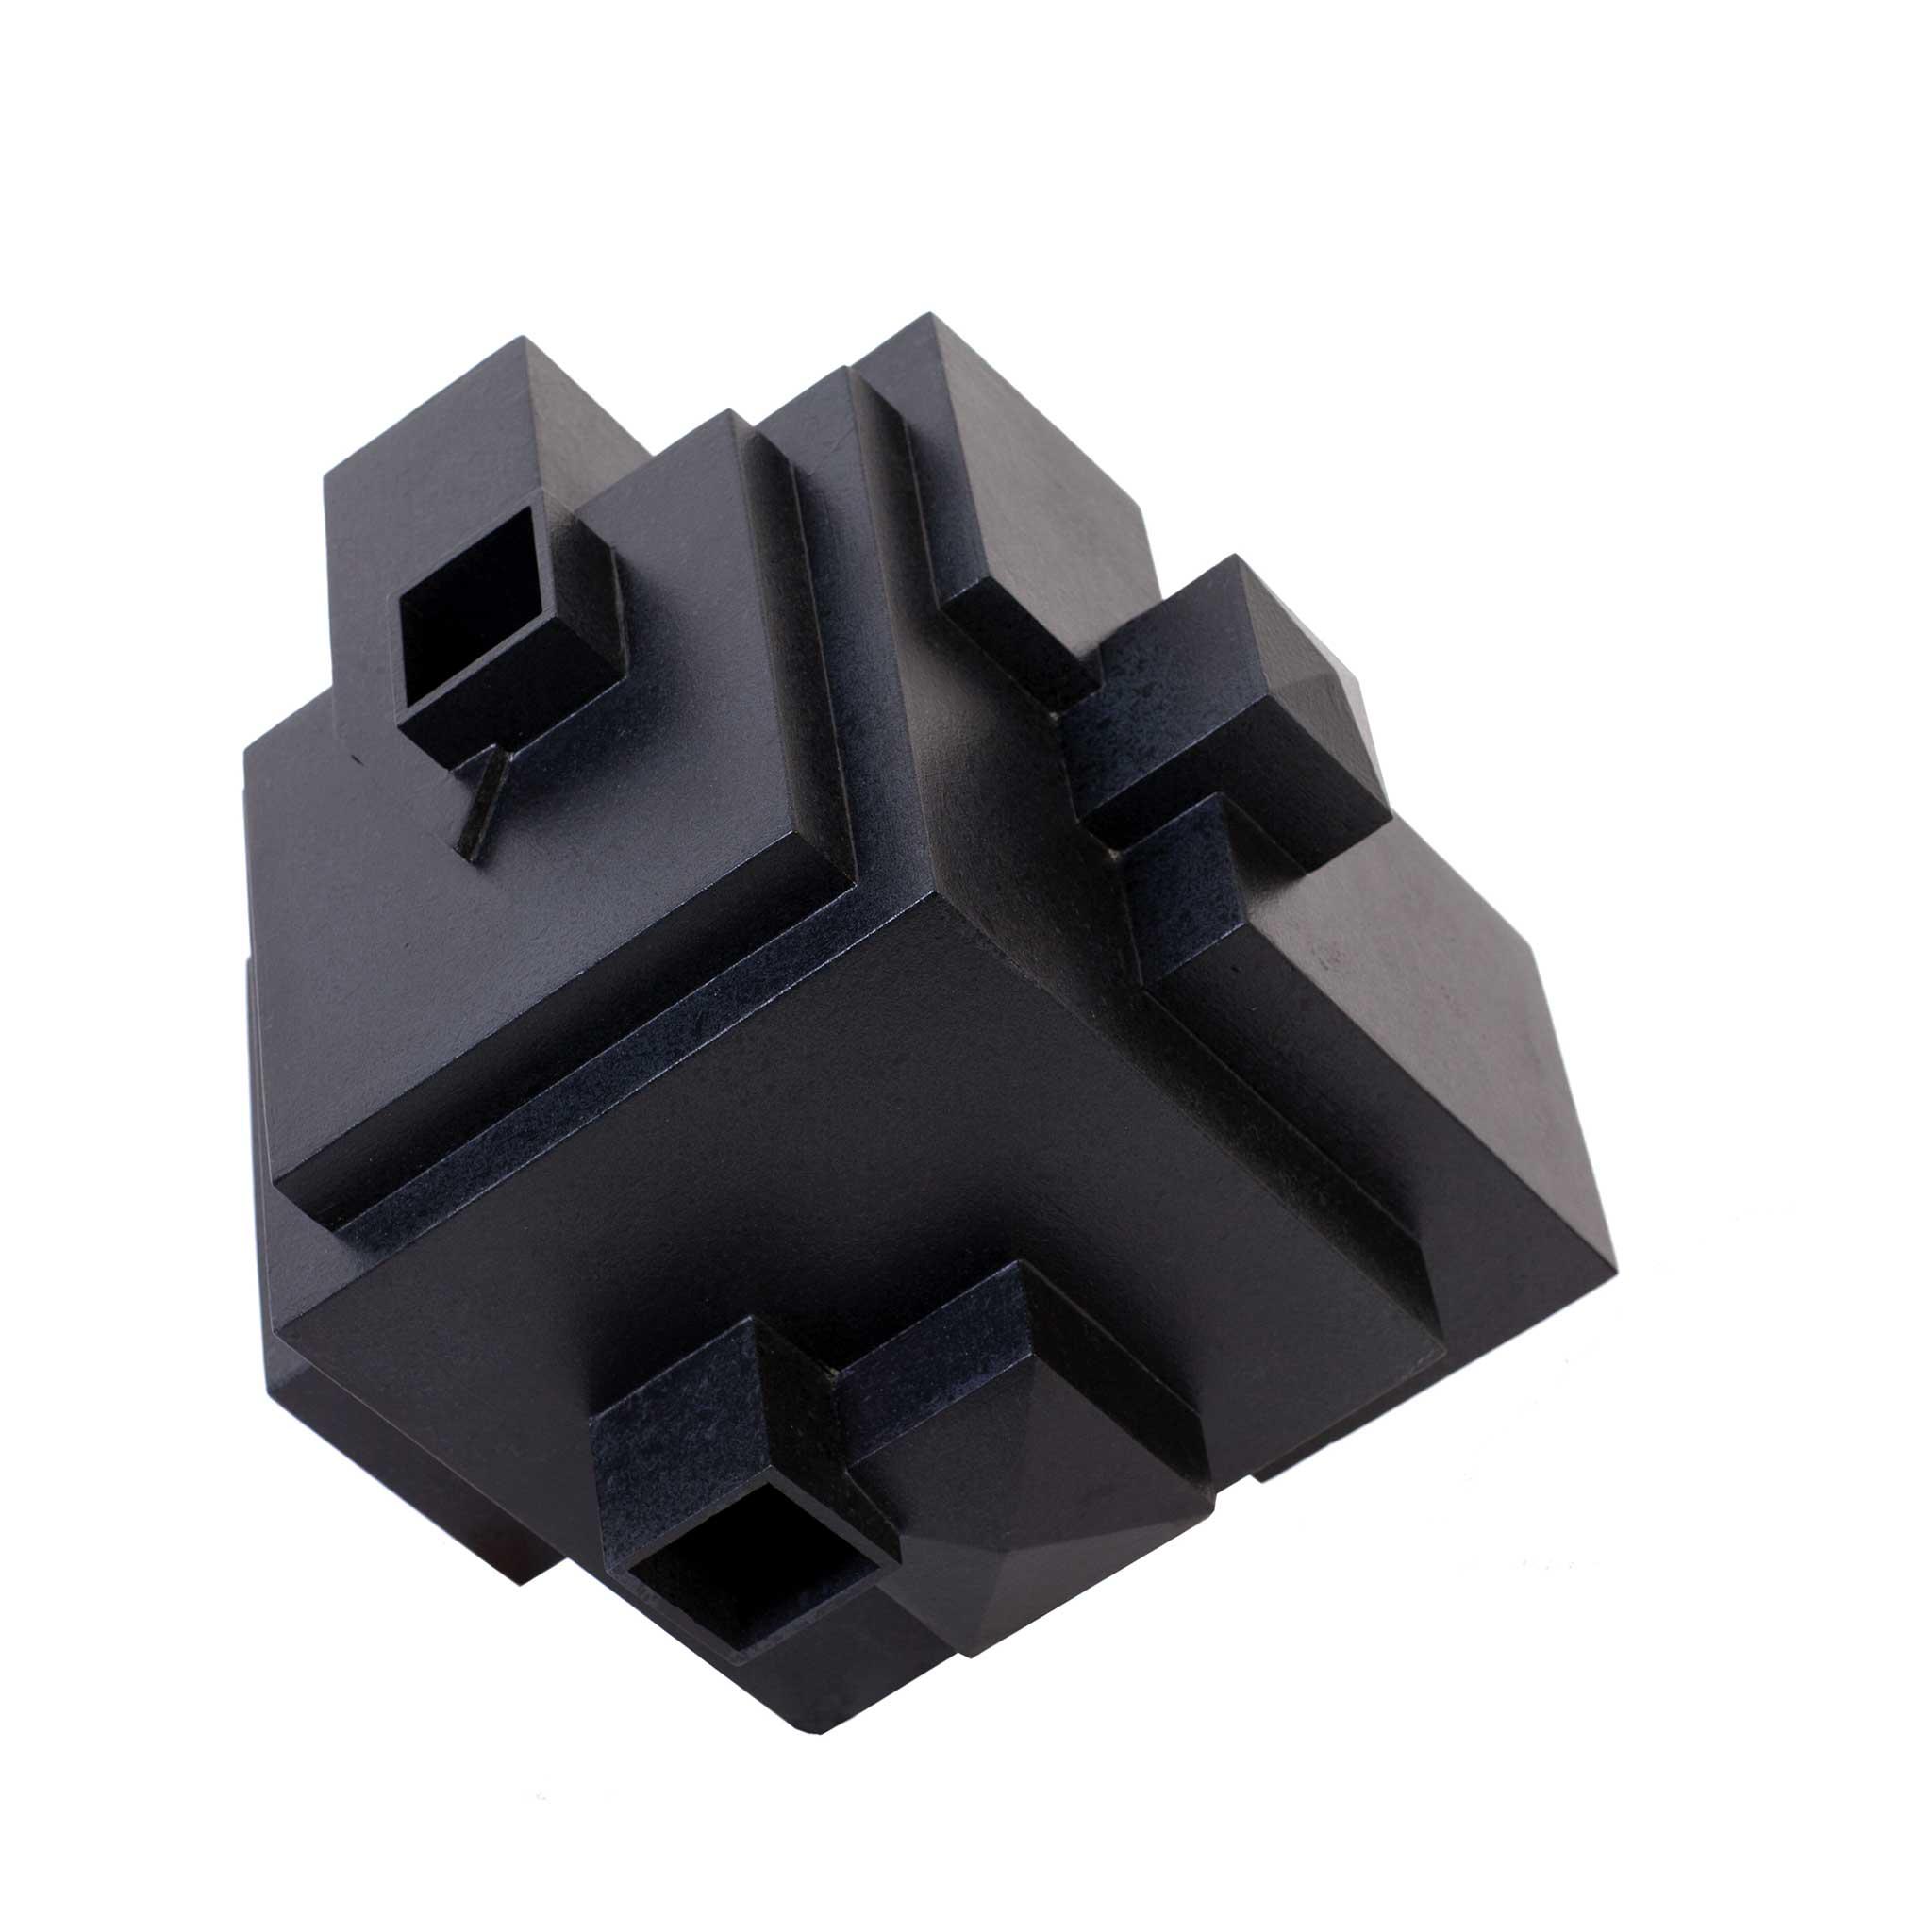 ETNIK - BLACK SOLID